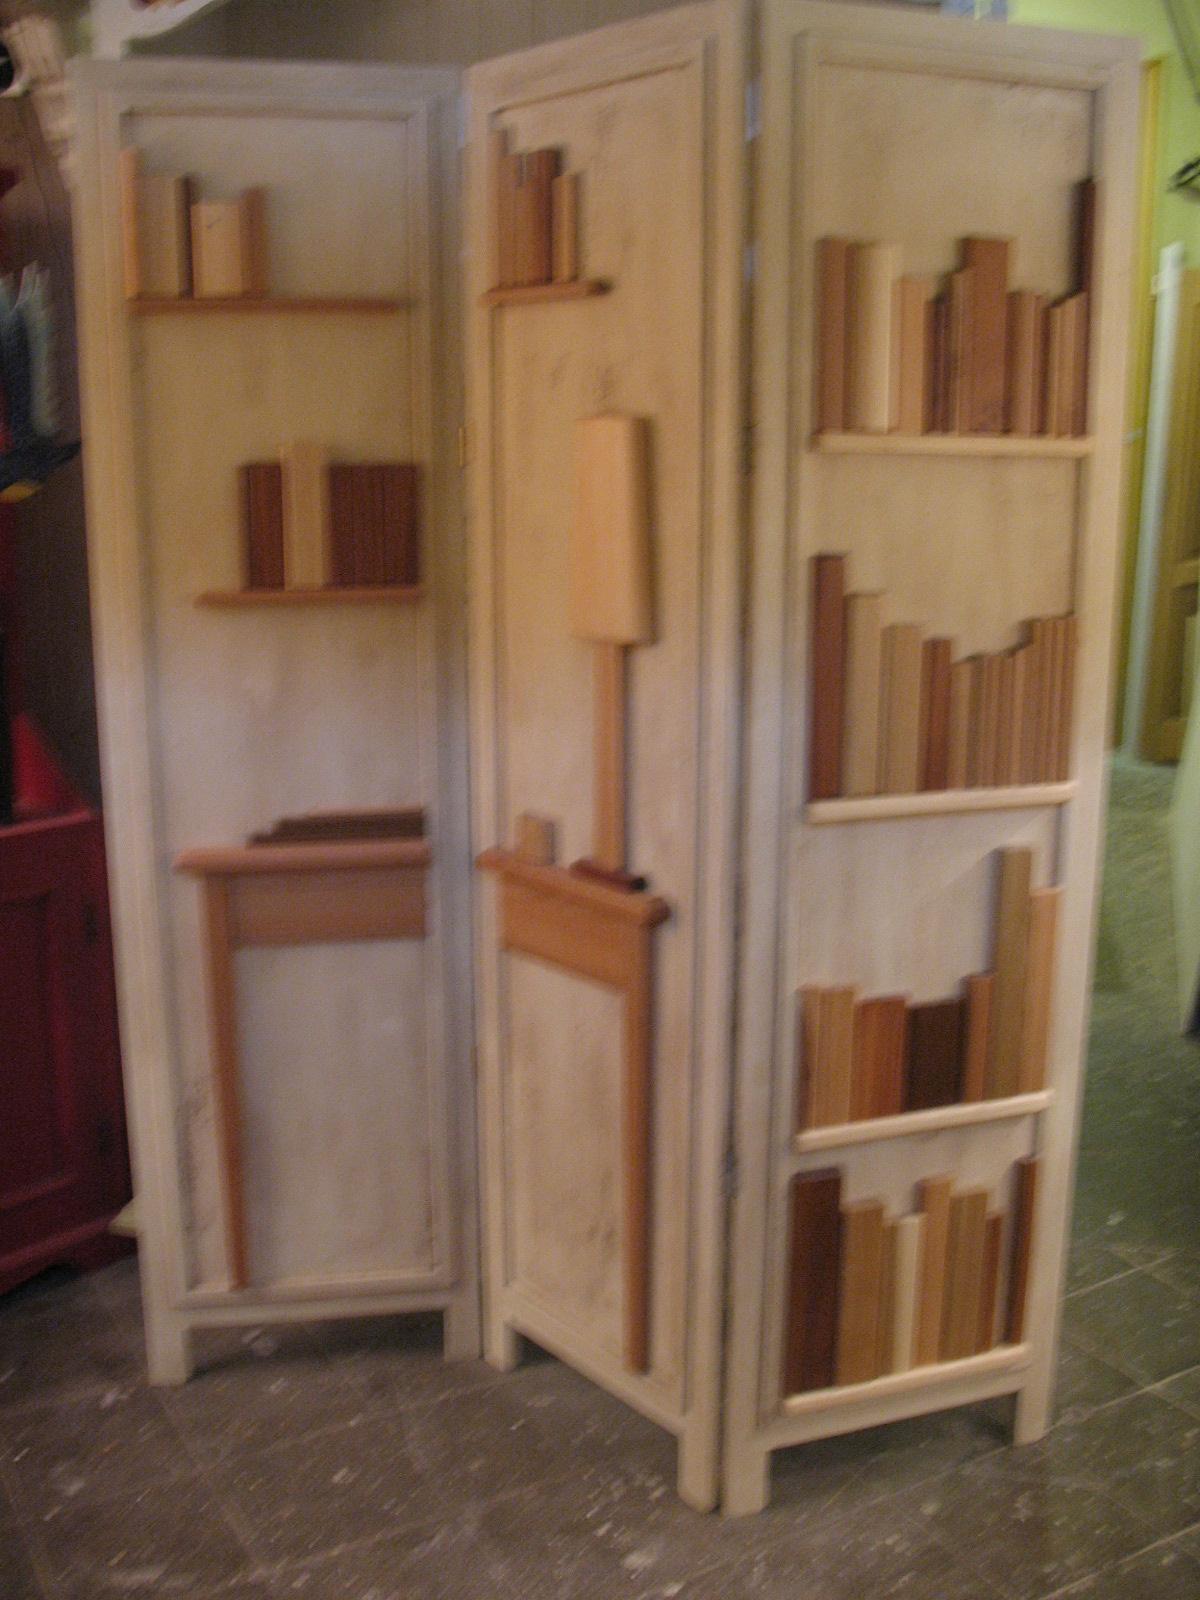 Separè artistico in legno - Falegnameria Fradà - falegname a palermo